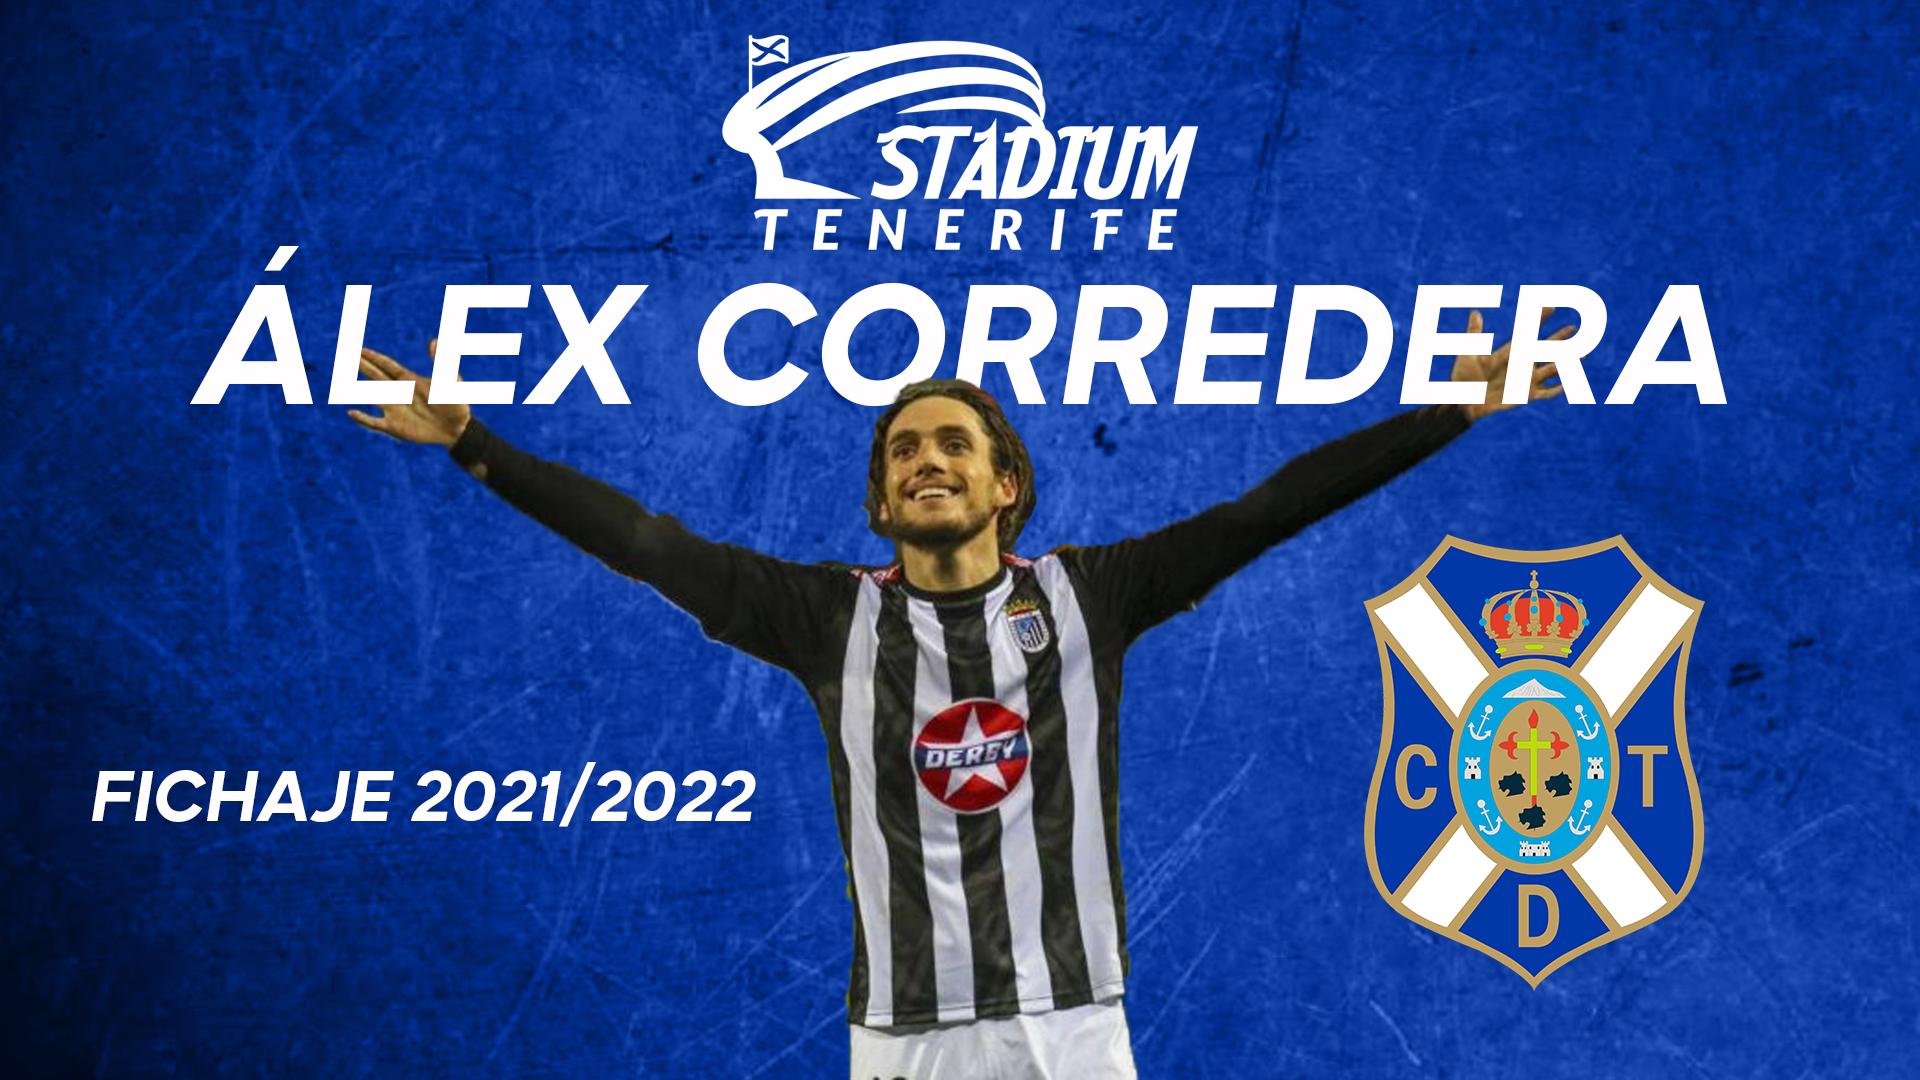 Análisis Fichaje CDT: Alex Corredera, más que una buena zurda